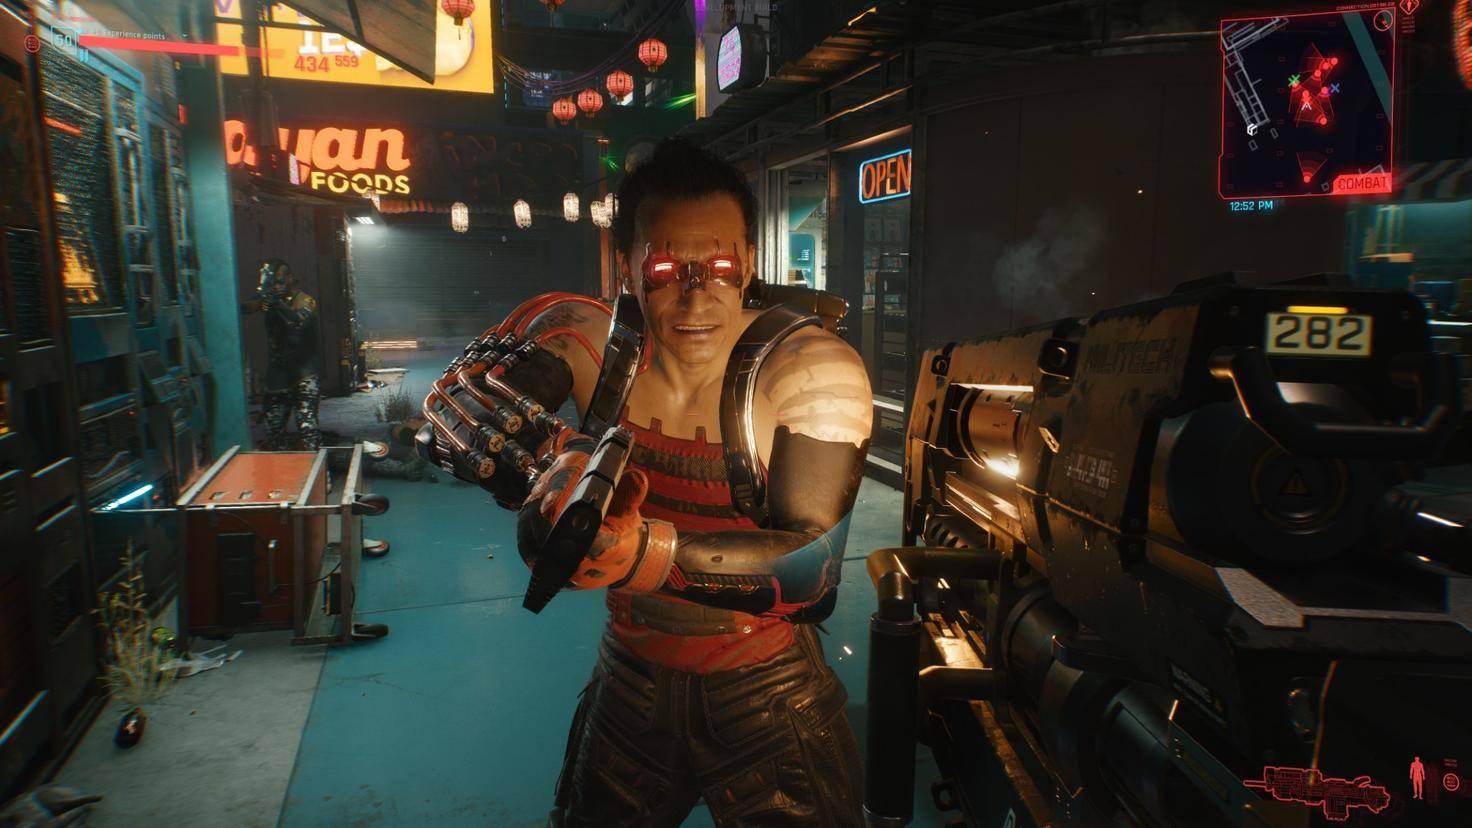 cyberpunk-2077-angriff-waffen-screenshot